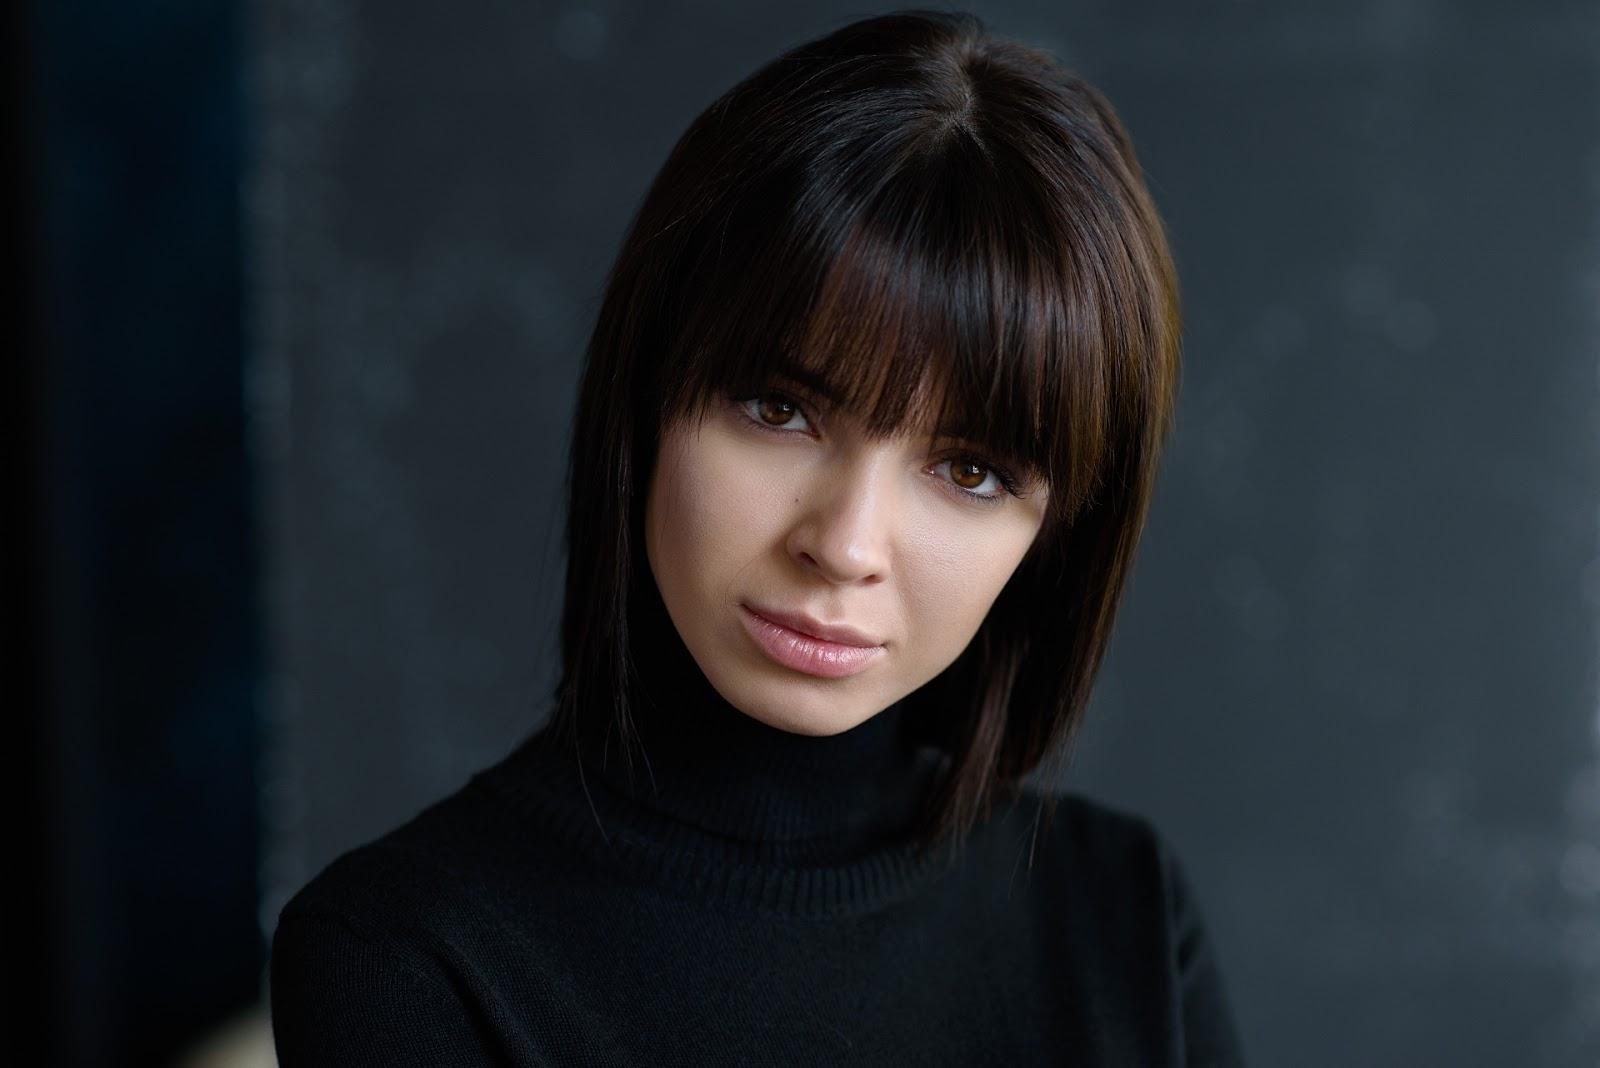 Татьяна. Портретная съемка в Иваново